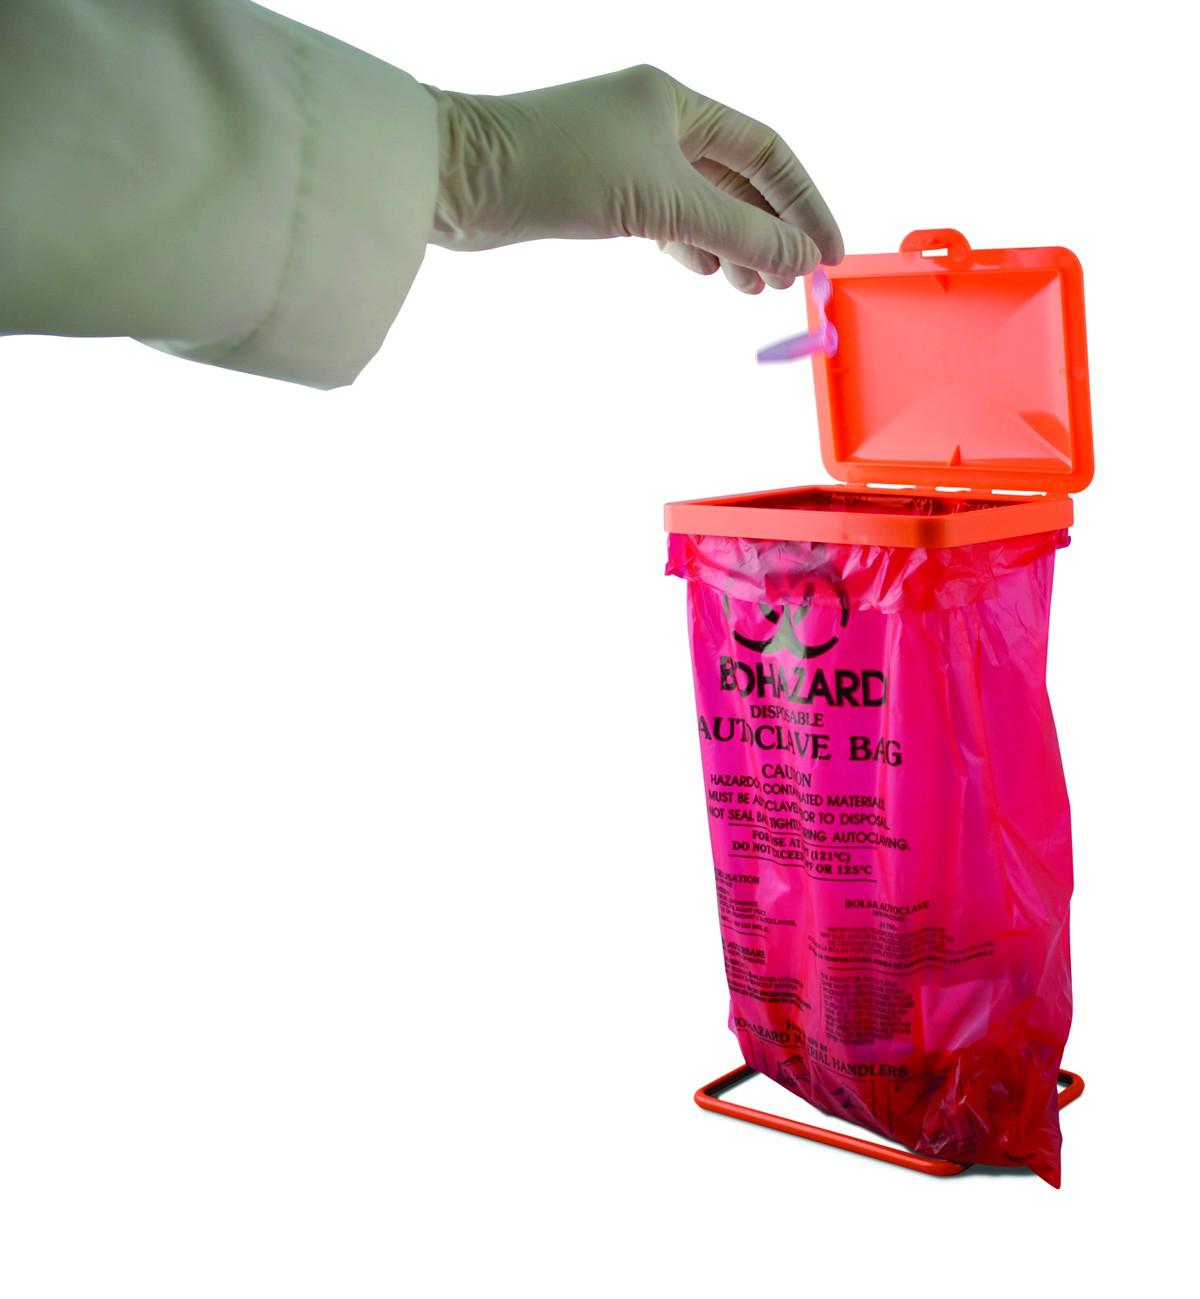 Poxygrid 174 Bench Top Biohazard Bag Holder Kit Default